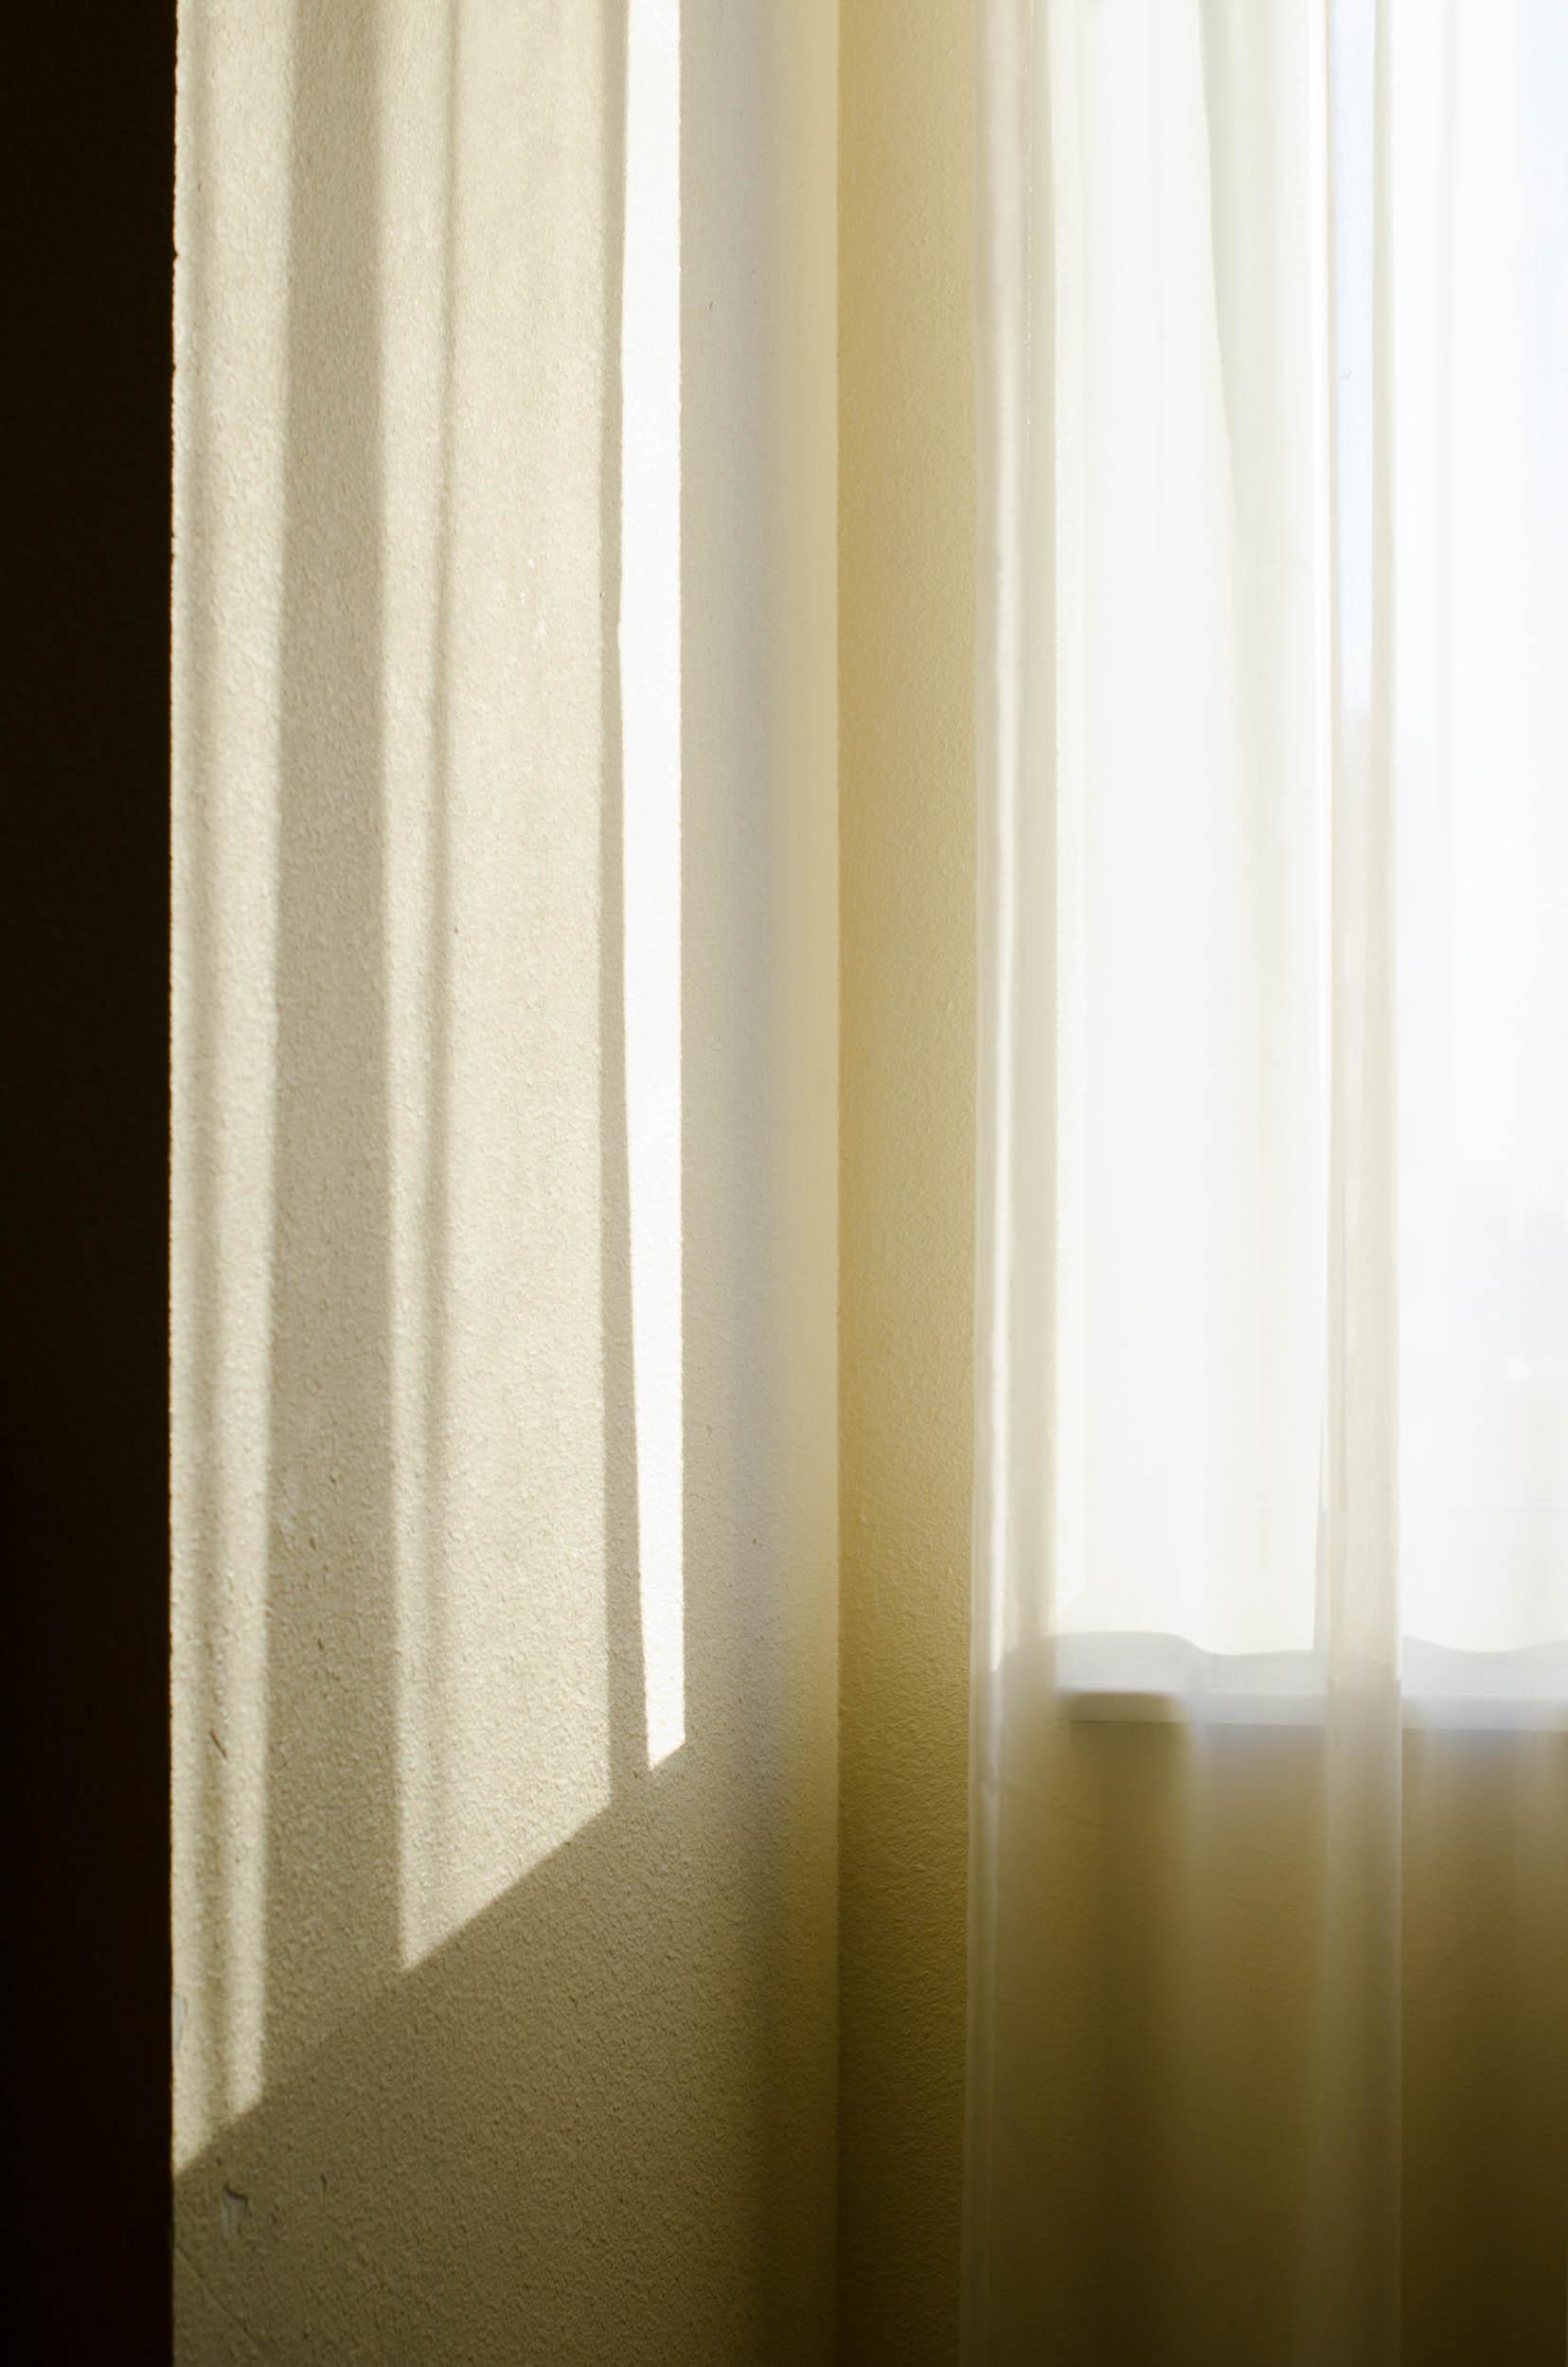 Curtain Shadows